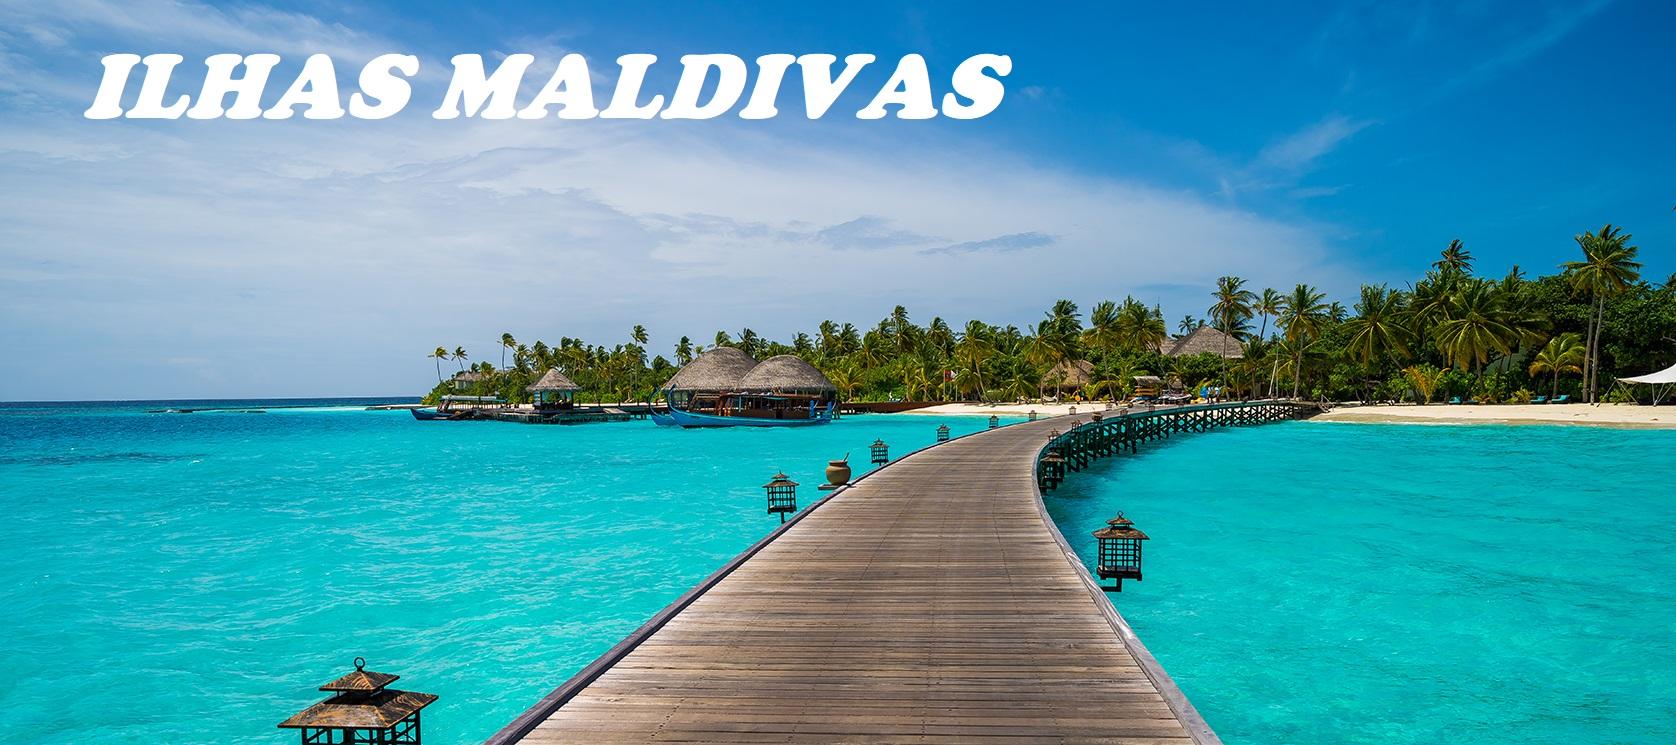 Réveillon nas Ilhas Maldivas 2018/2019